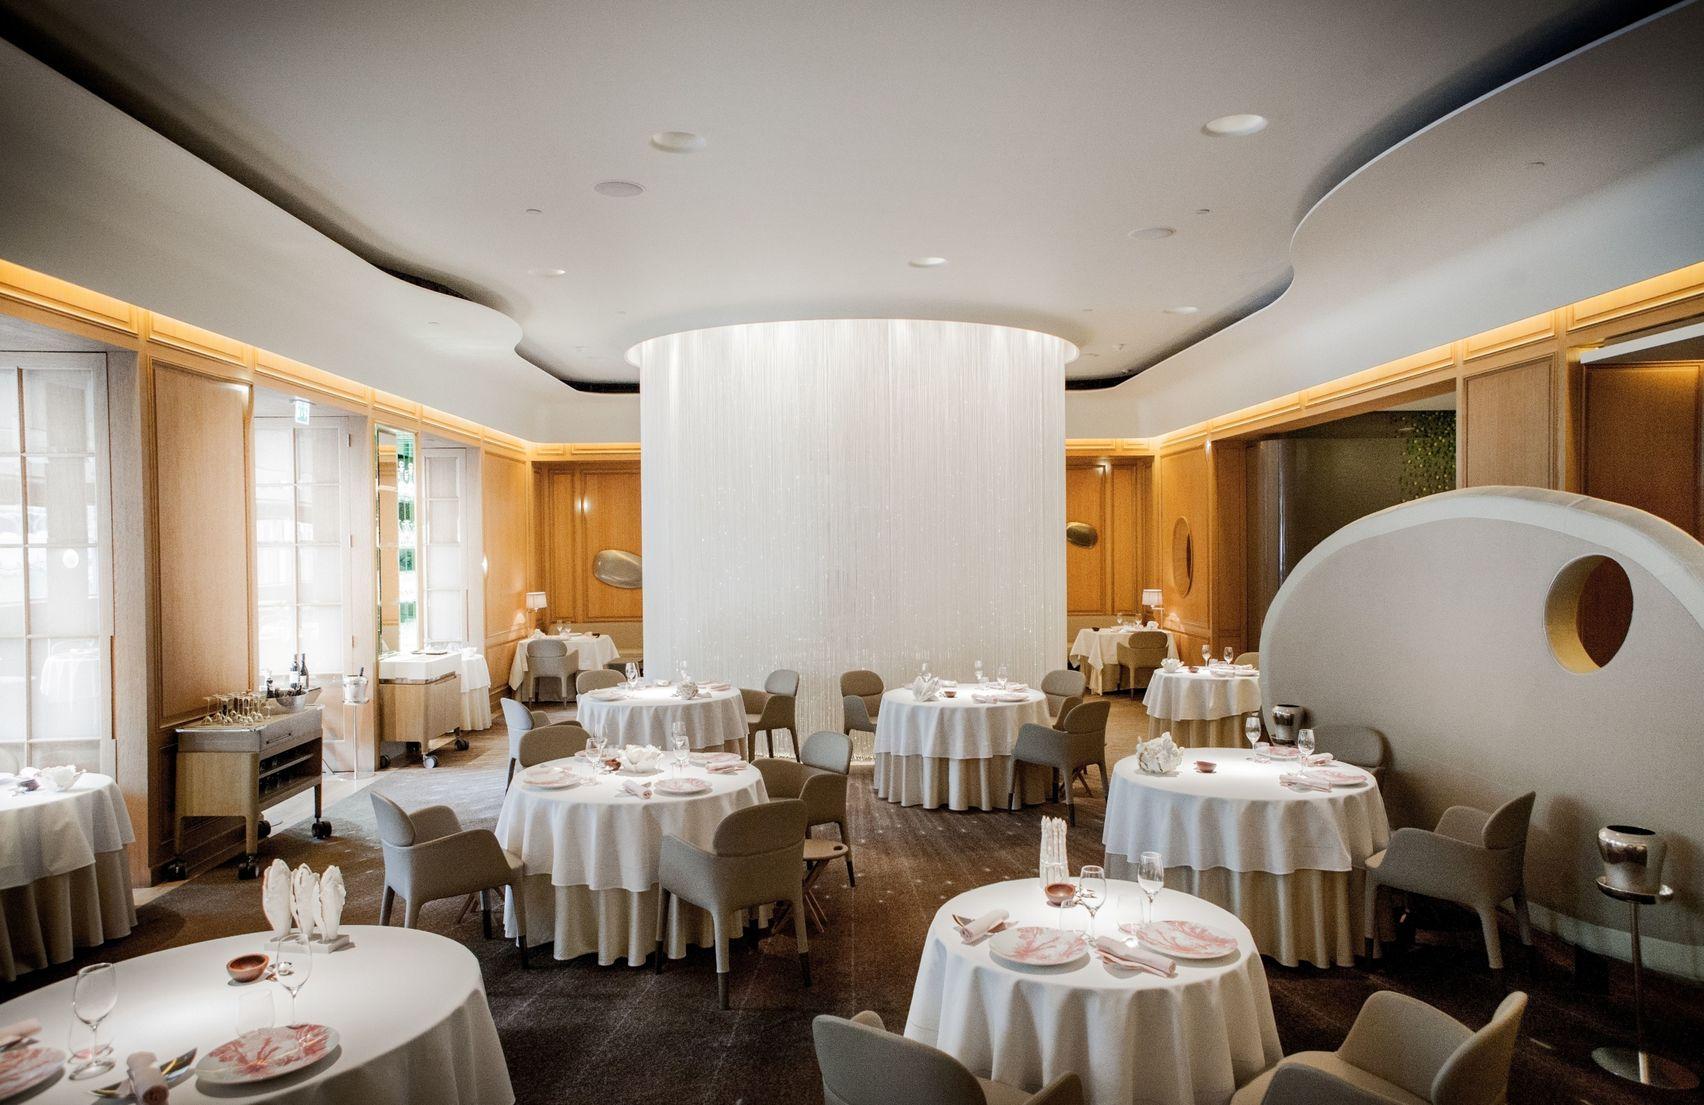 Table Lumière, Alain Ducasse at The Dorchester